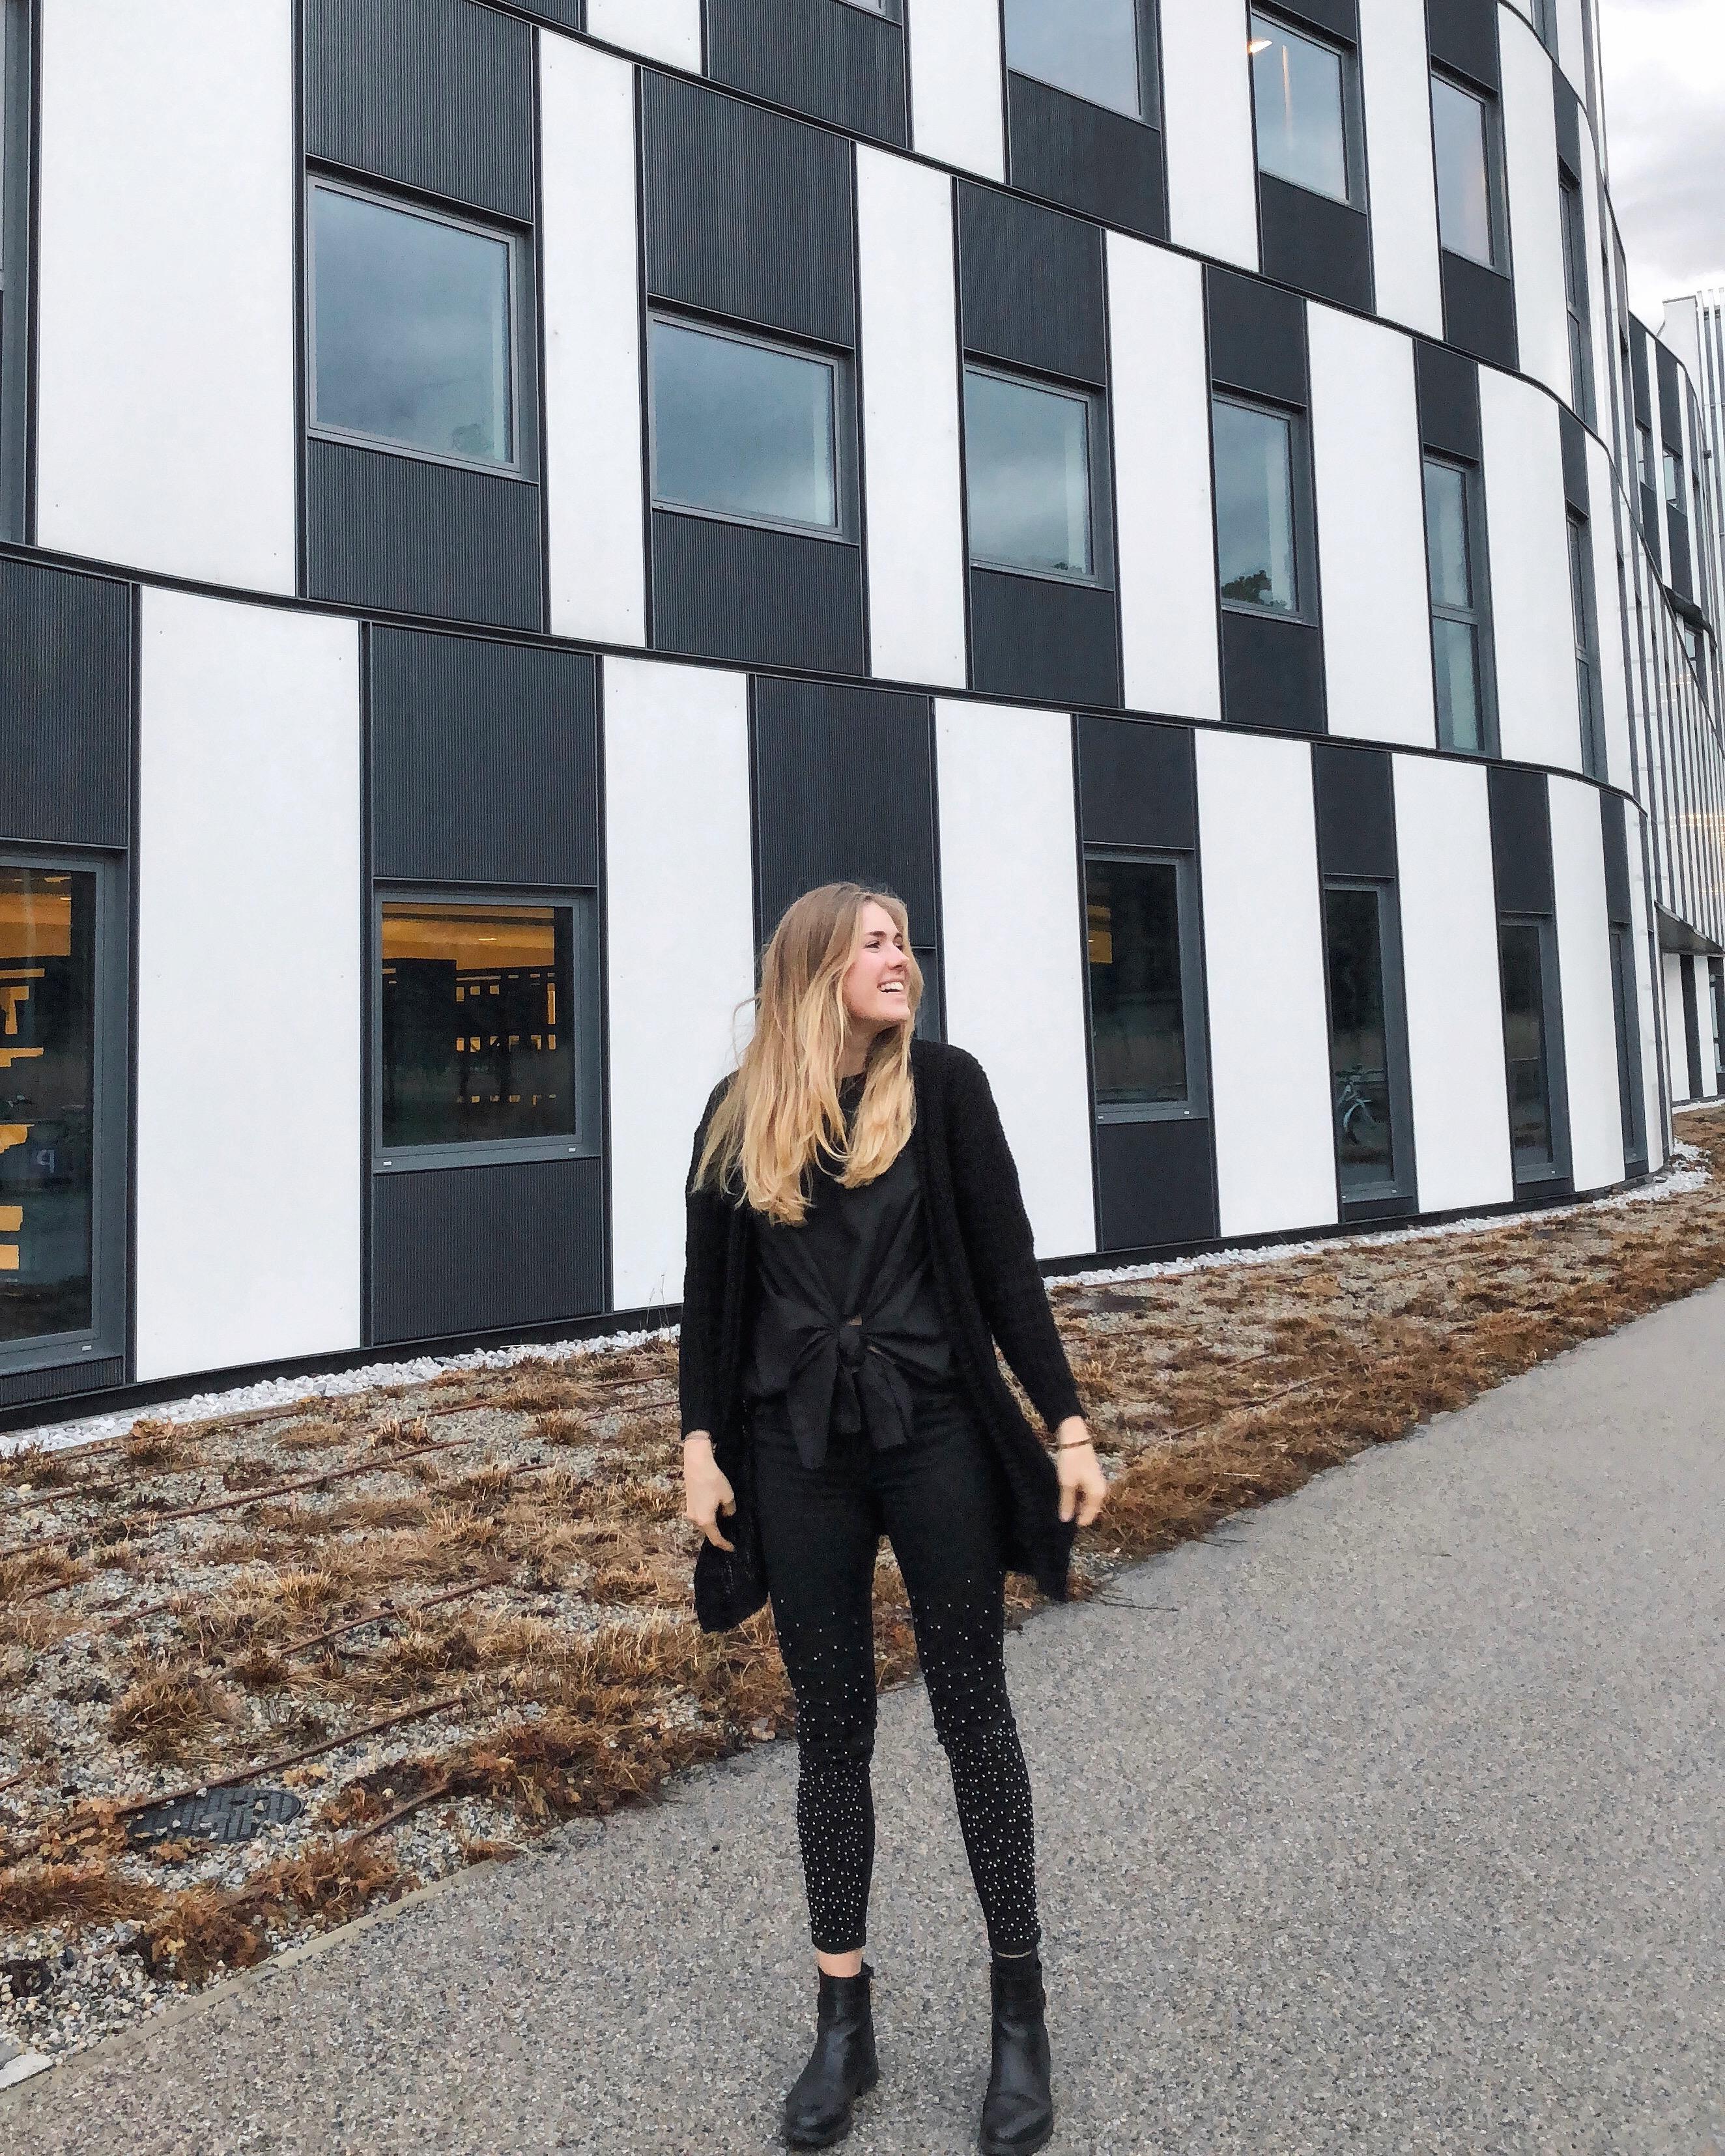 Instagram Outfits #7 auf dem österreichischen Lifestyle Blog Bits and Bobs by Eva. Mehr Social Media Looks auf www.bitsandbobsbyeva.com